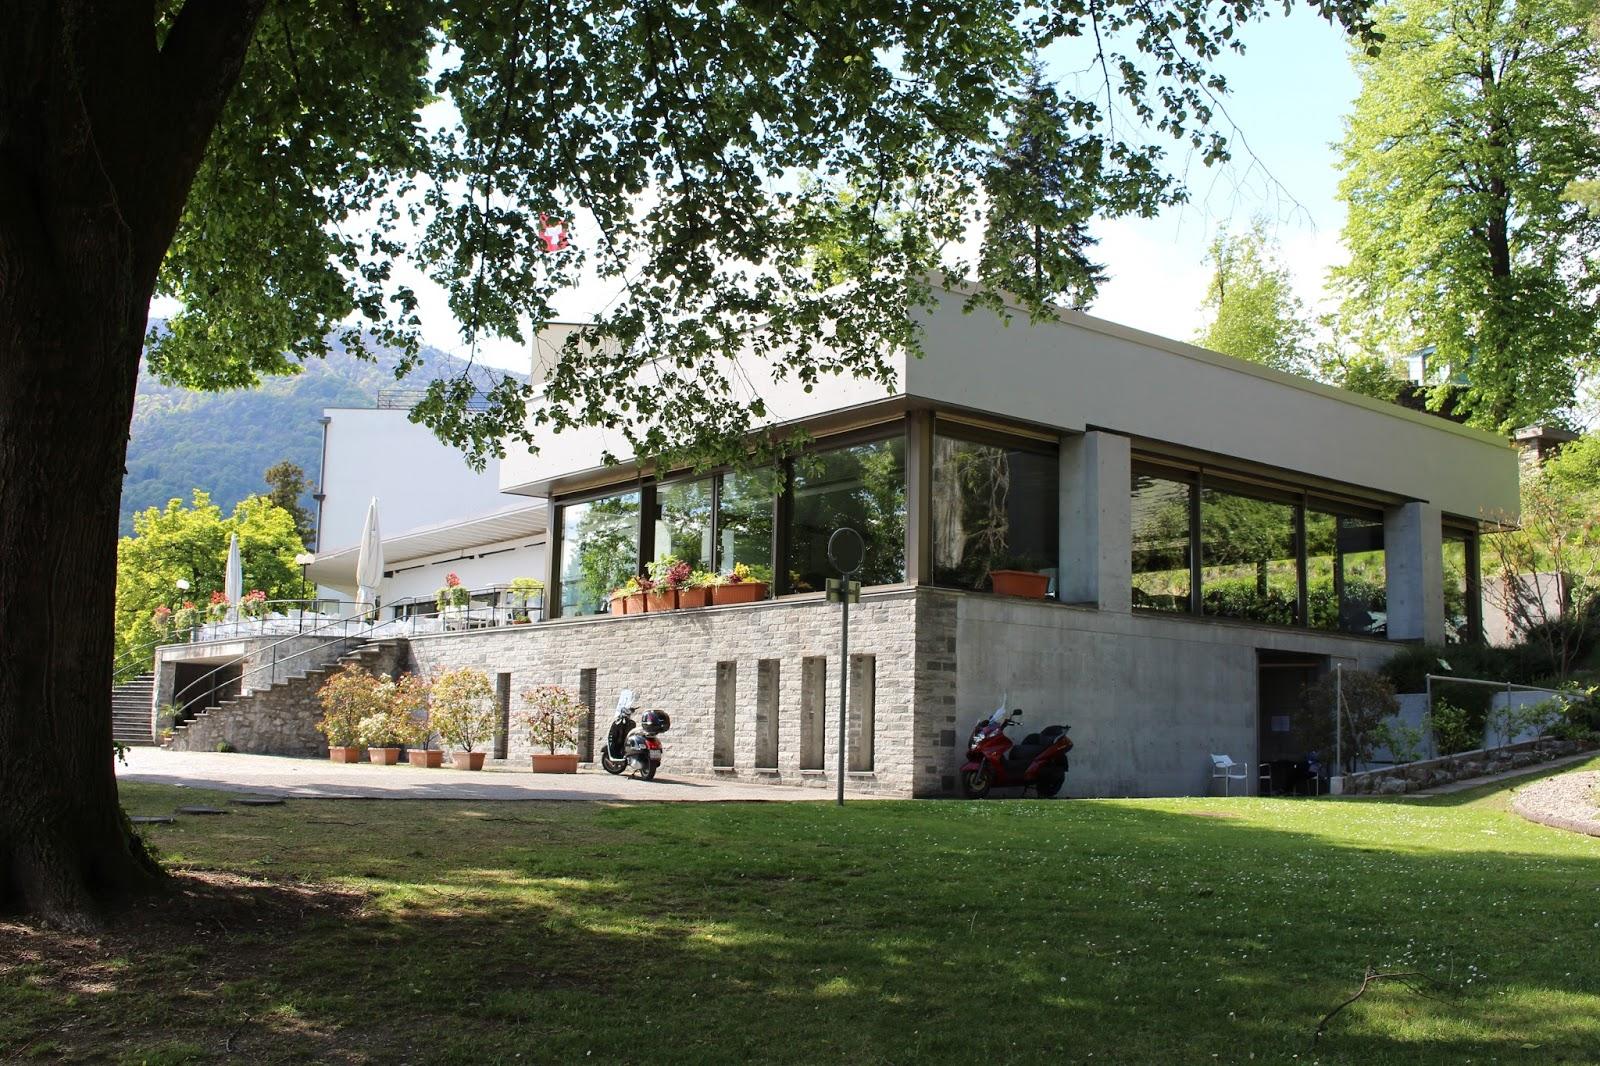 Hotel Monte Veritá, Tessiner Bauhaus Architektur